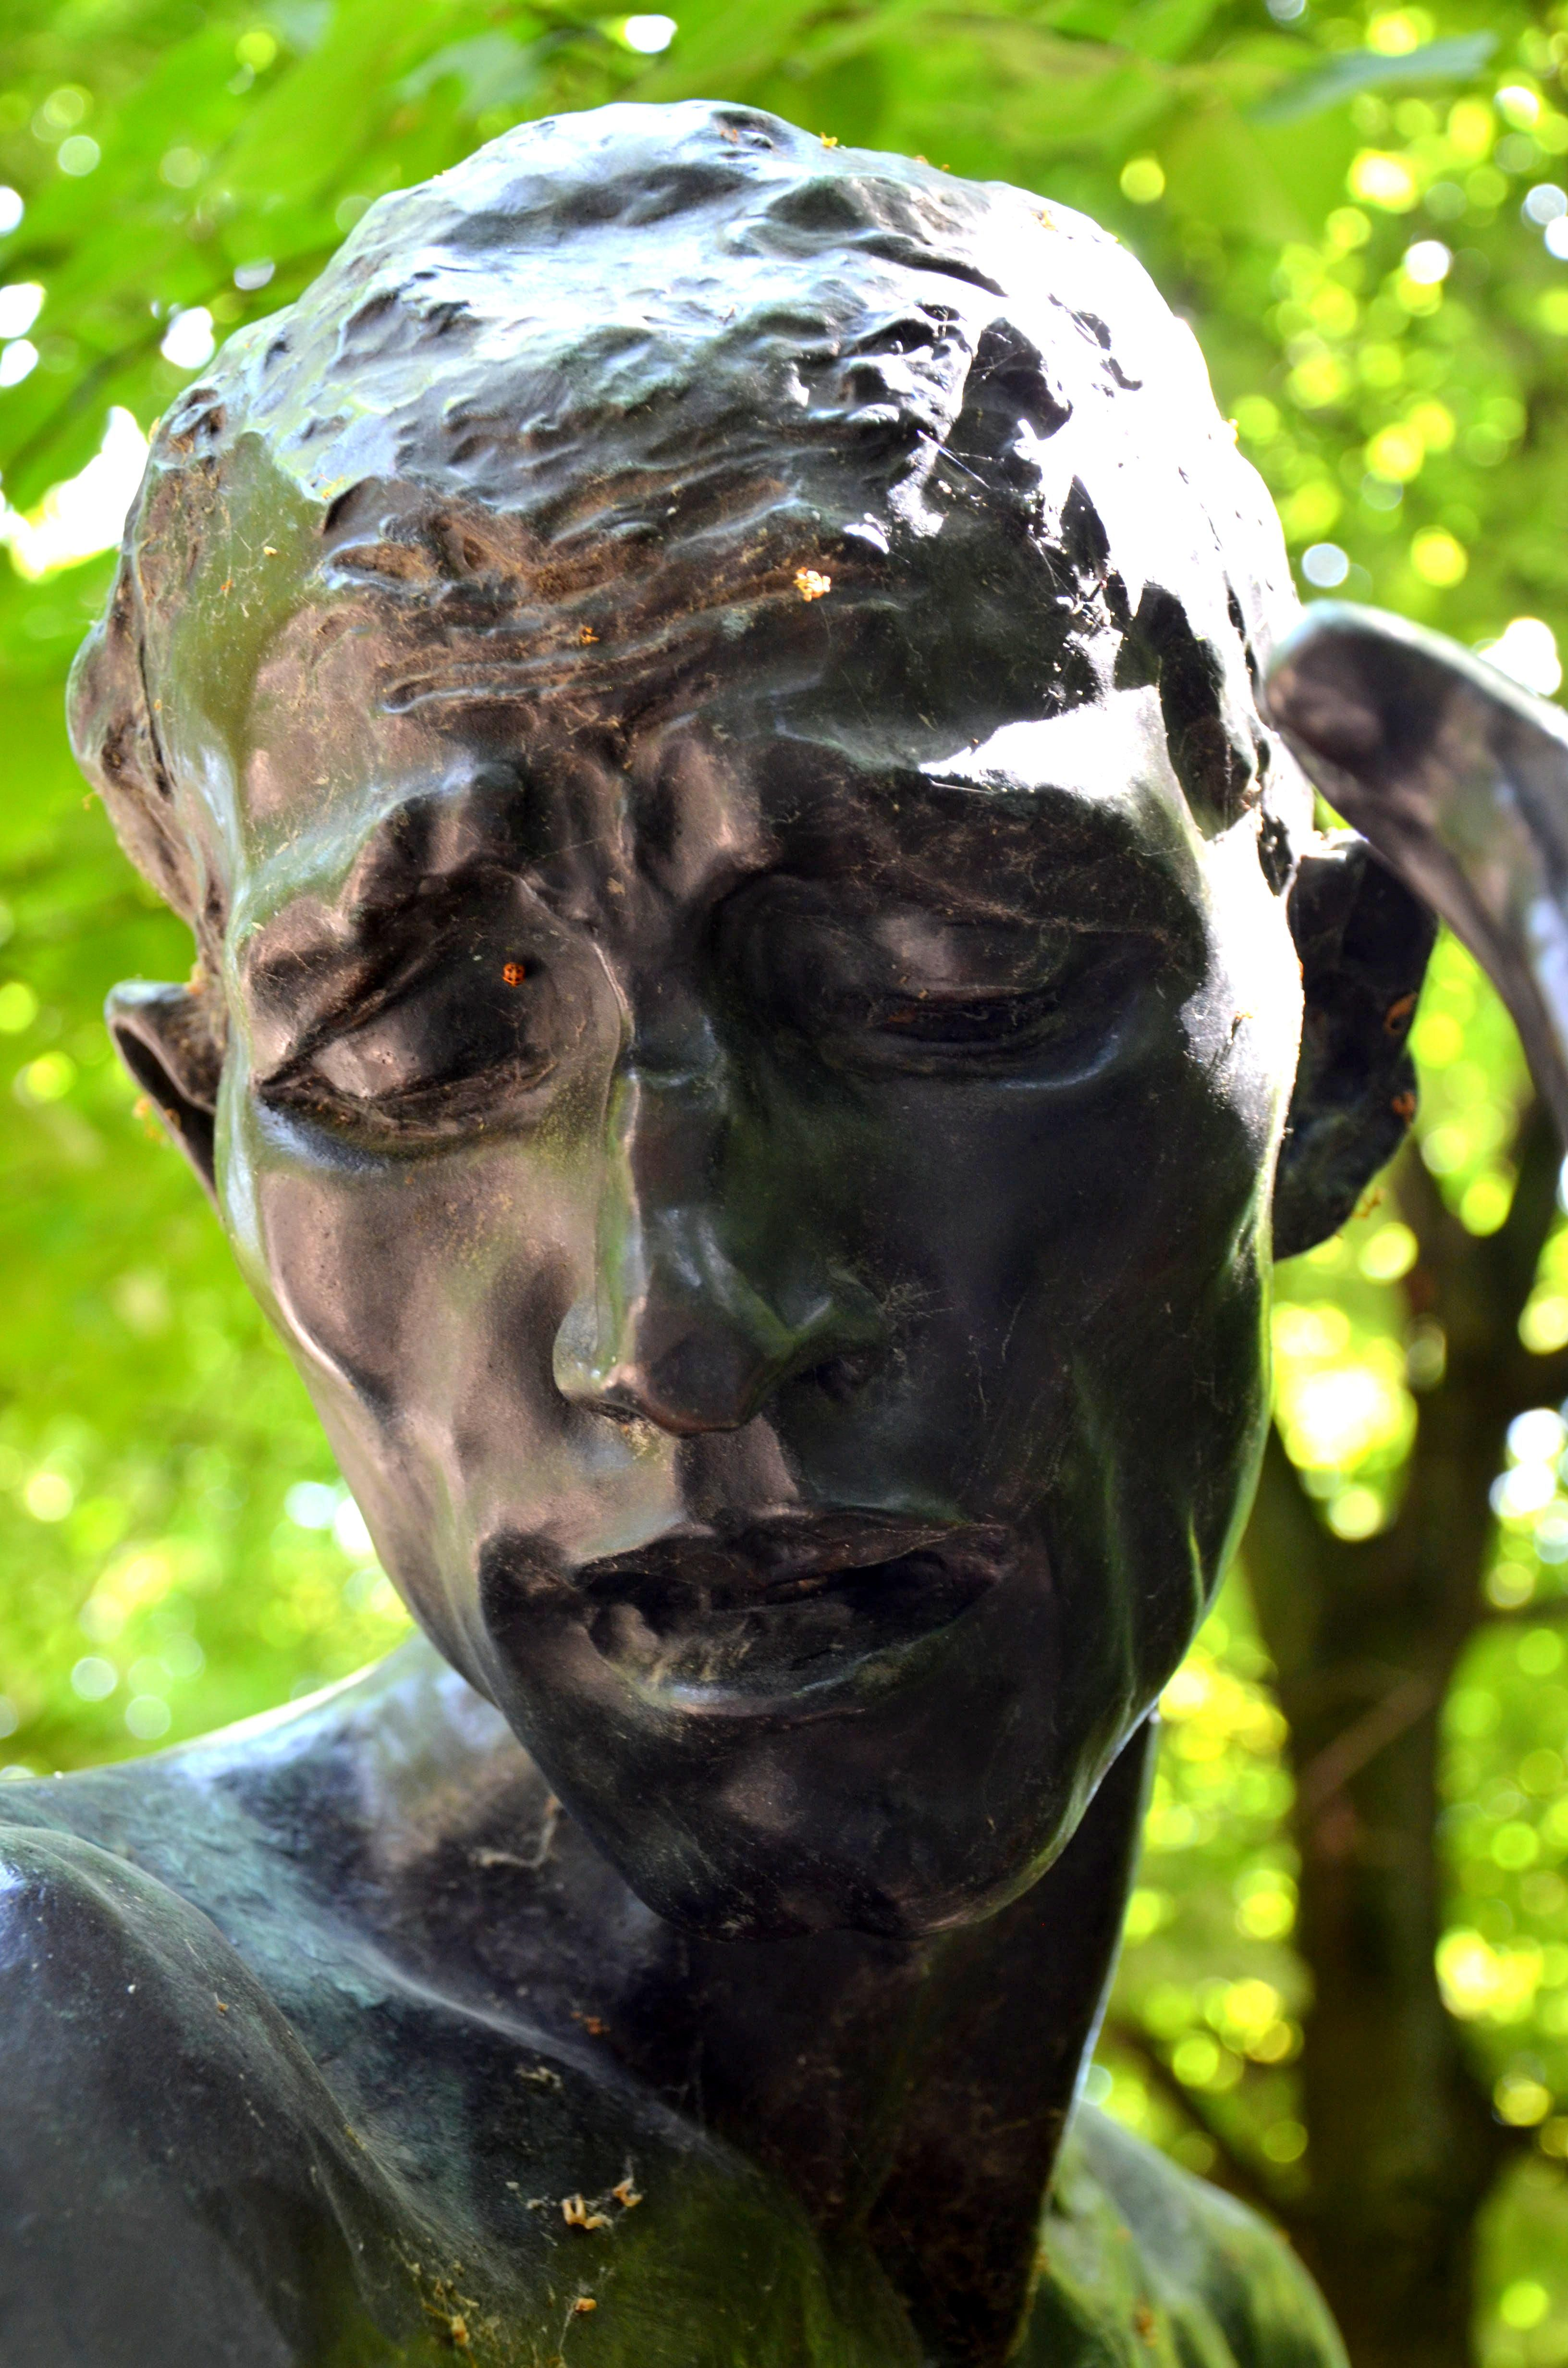 Les Bourgeois De Calais 1889 Par Auguste Rodin 1840 1917 Tete De Pierre De Wissant Bronze Fondu En 1926 Mus Rodin Sculpture Sculpture Art Soulful Art